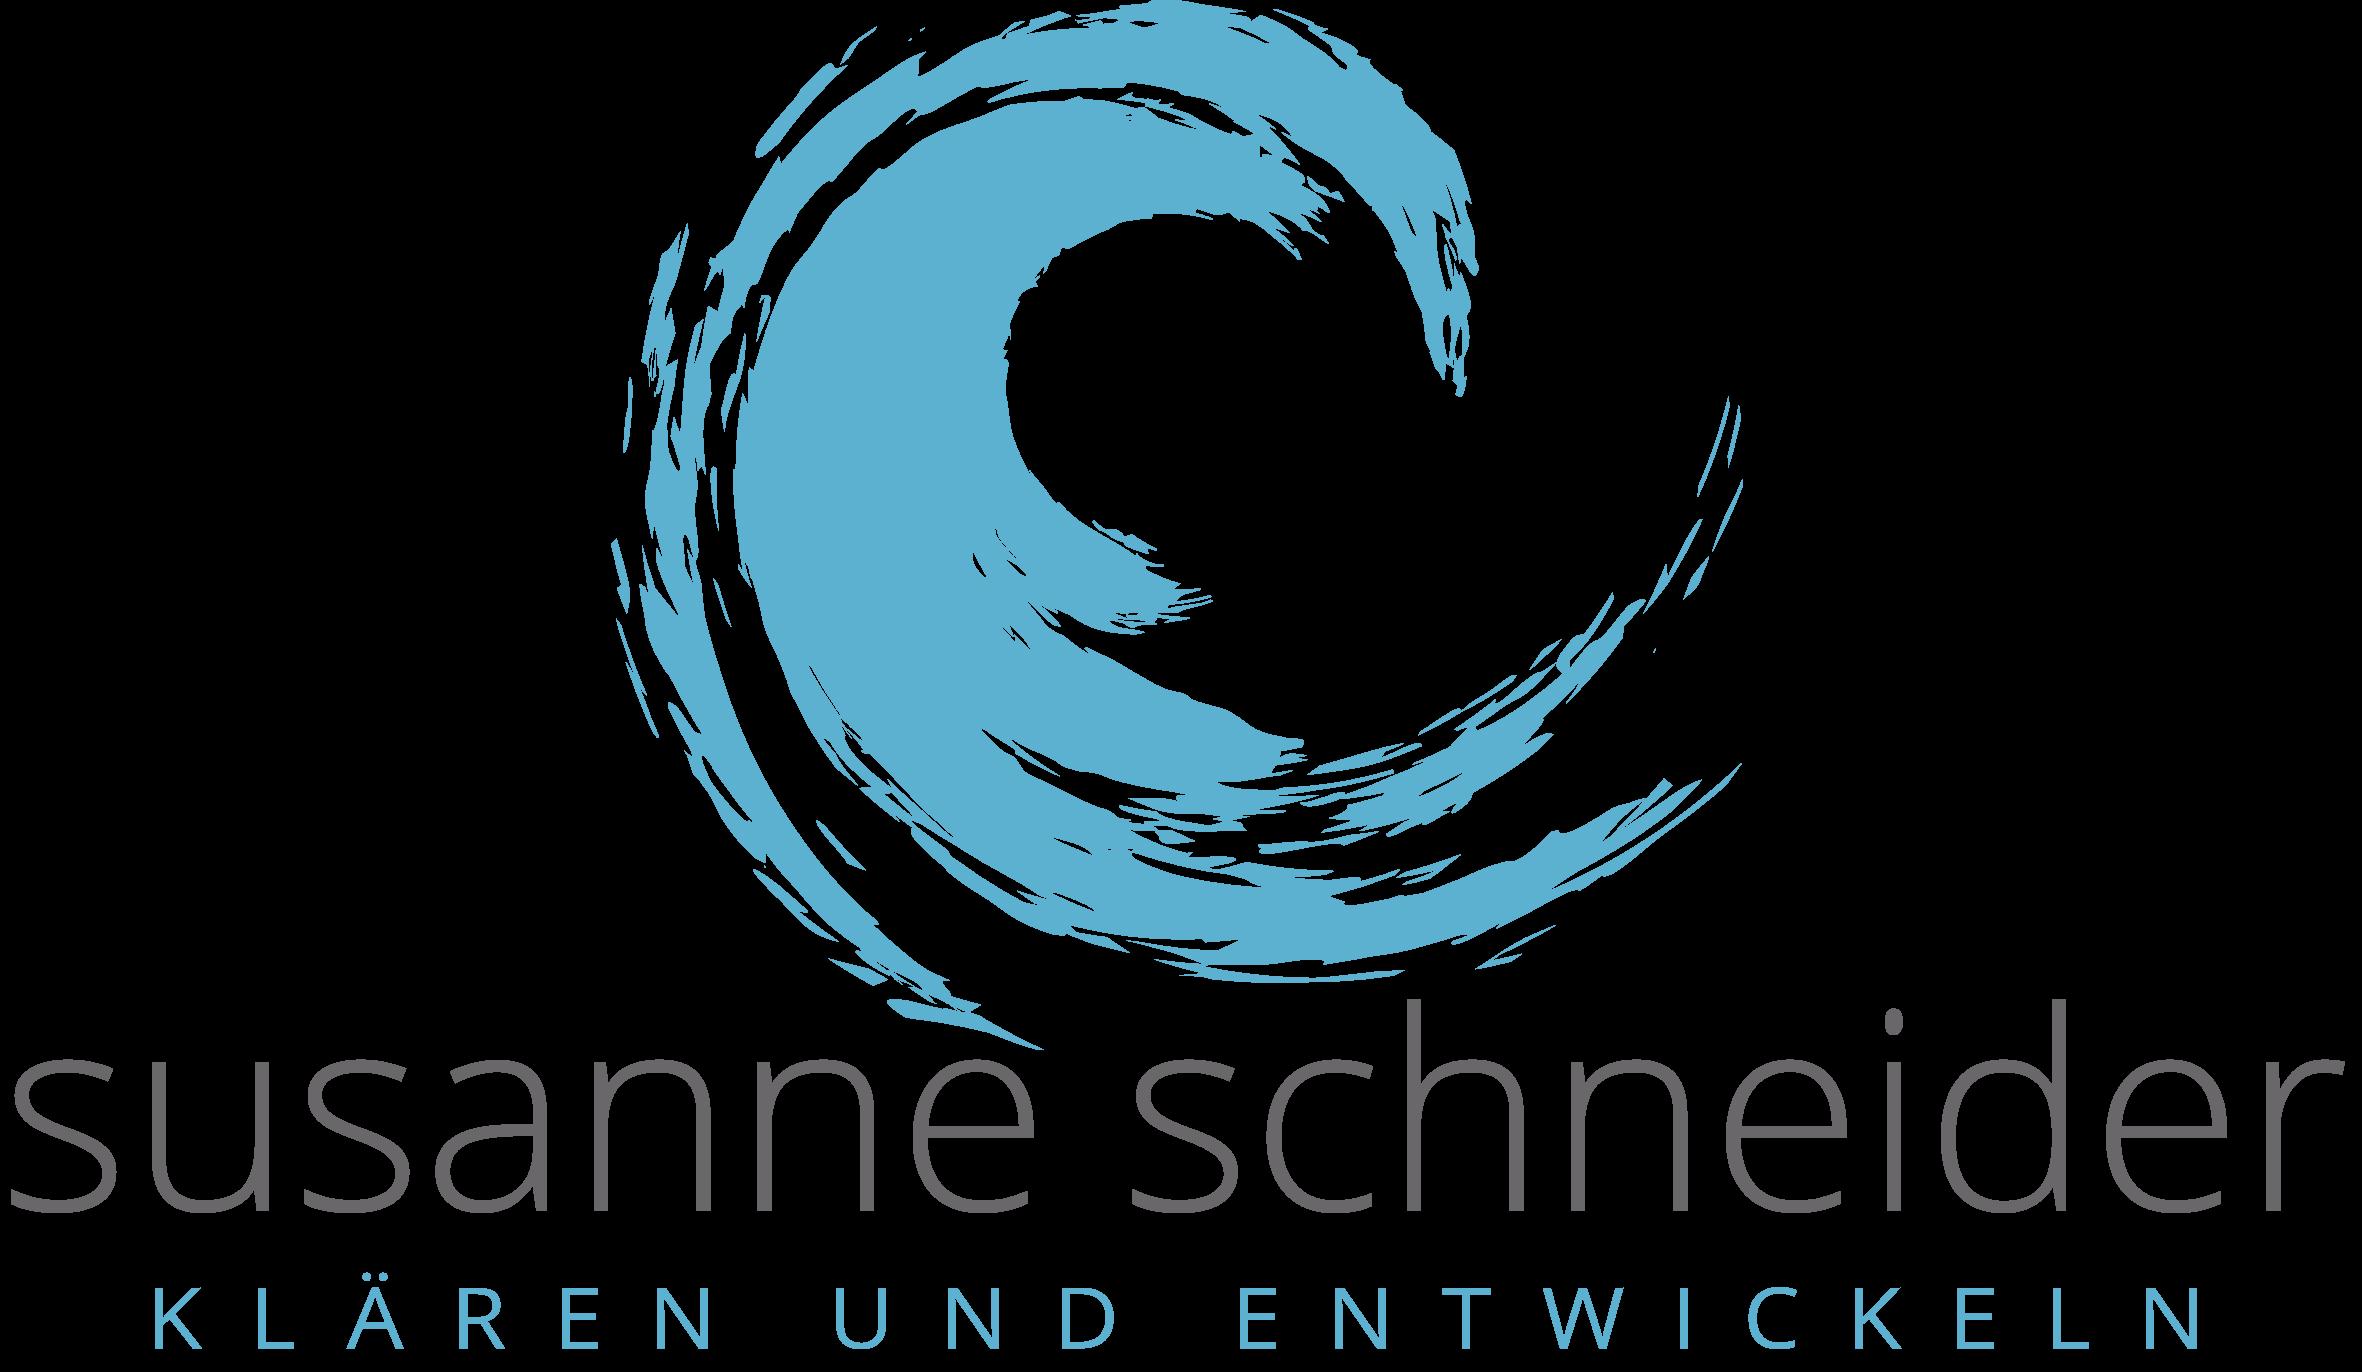 susanne schneider | KLÄREN UND ENTWICKELN